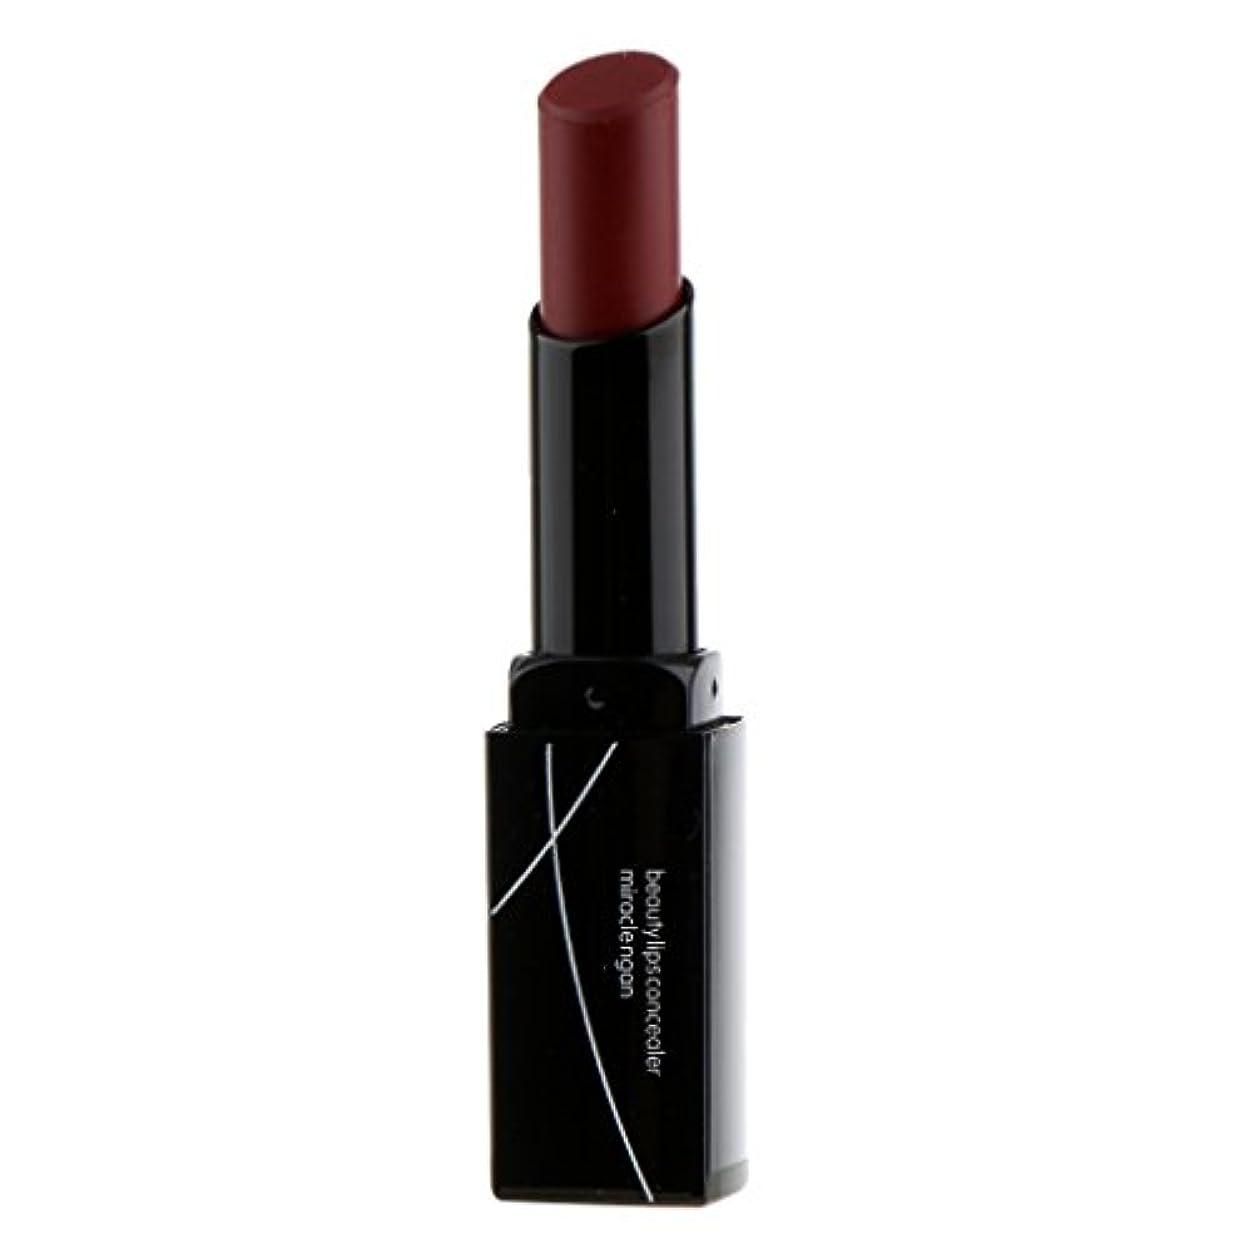 落ち込んでいる追う重力女性マットベルベットヌード鉛筆口紅リップグロス防水永続的なメイク - 暗赤色